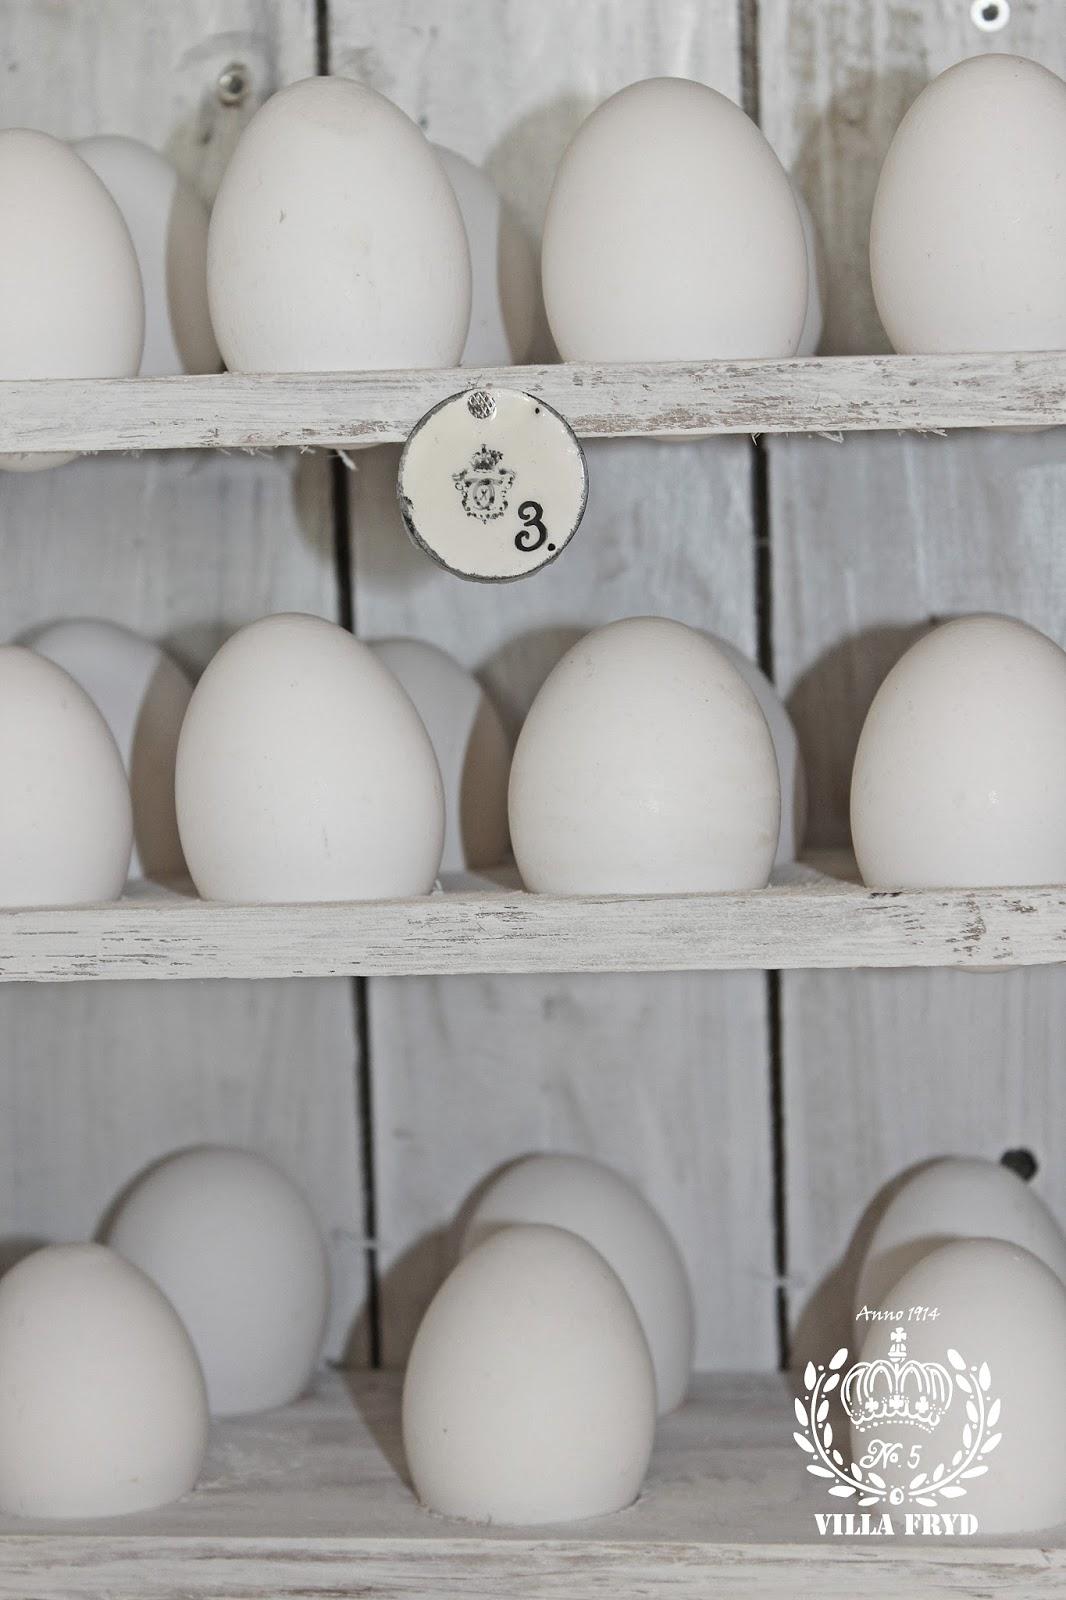 Hos villa fryd: Æggeskab